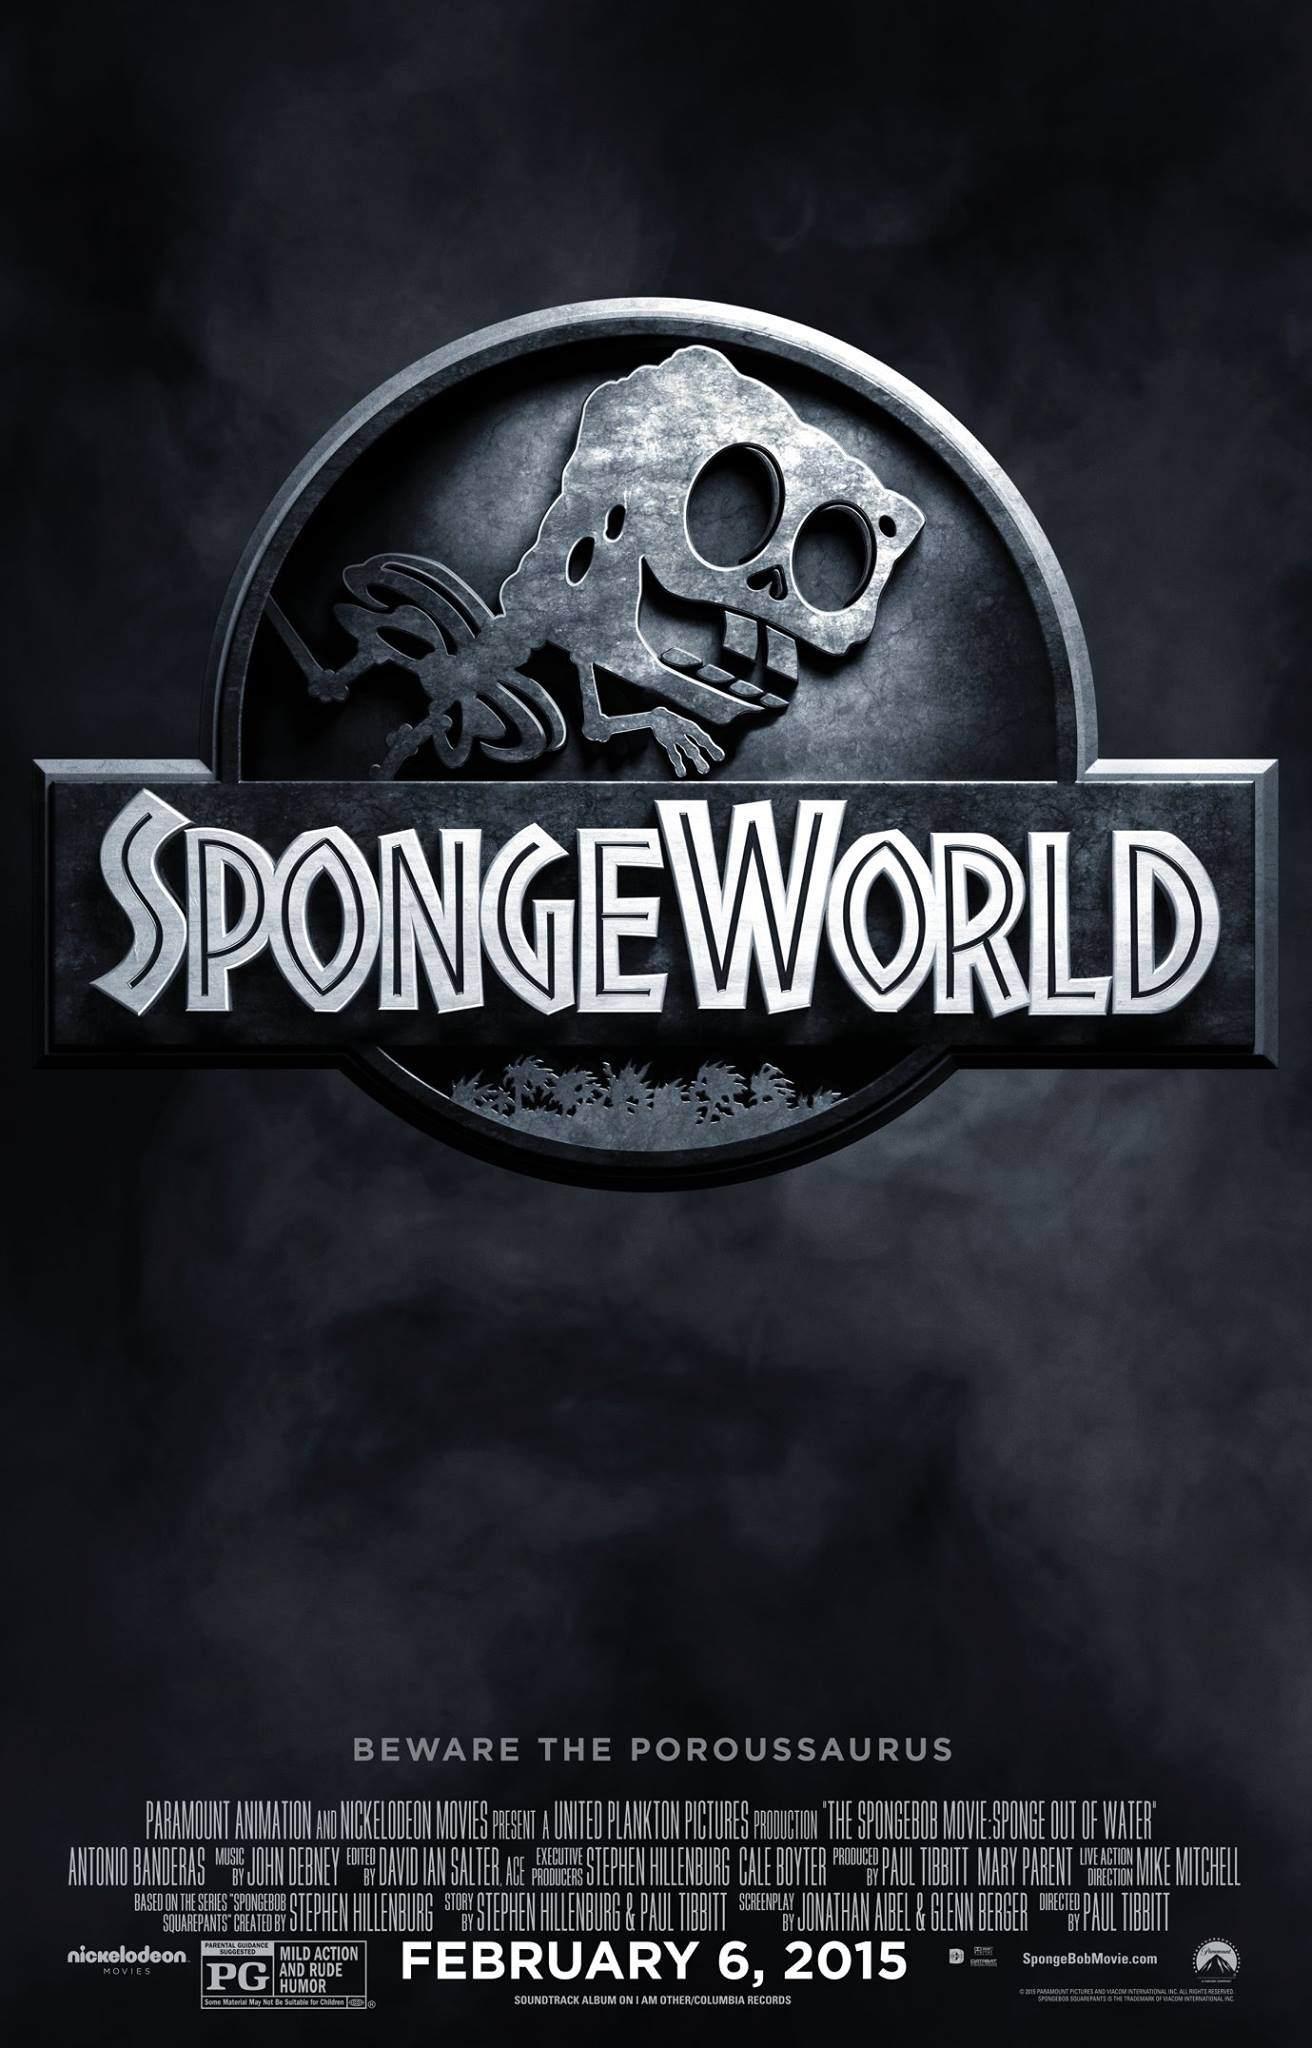 mundo sponjico